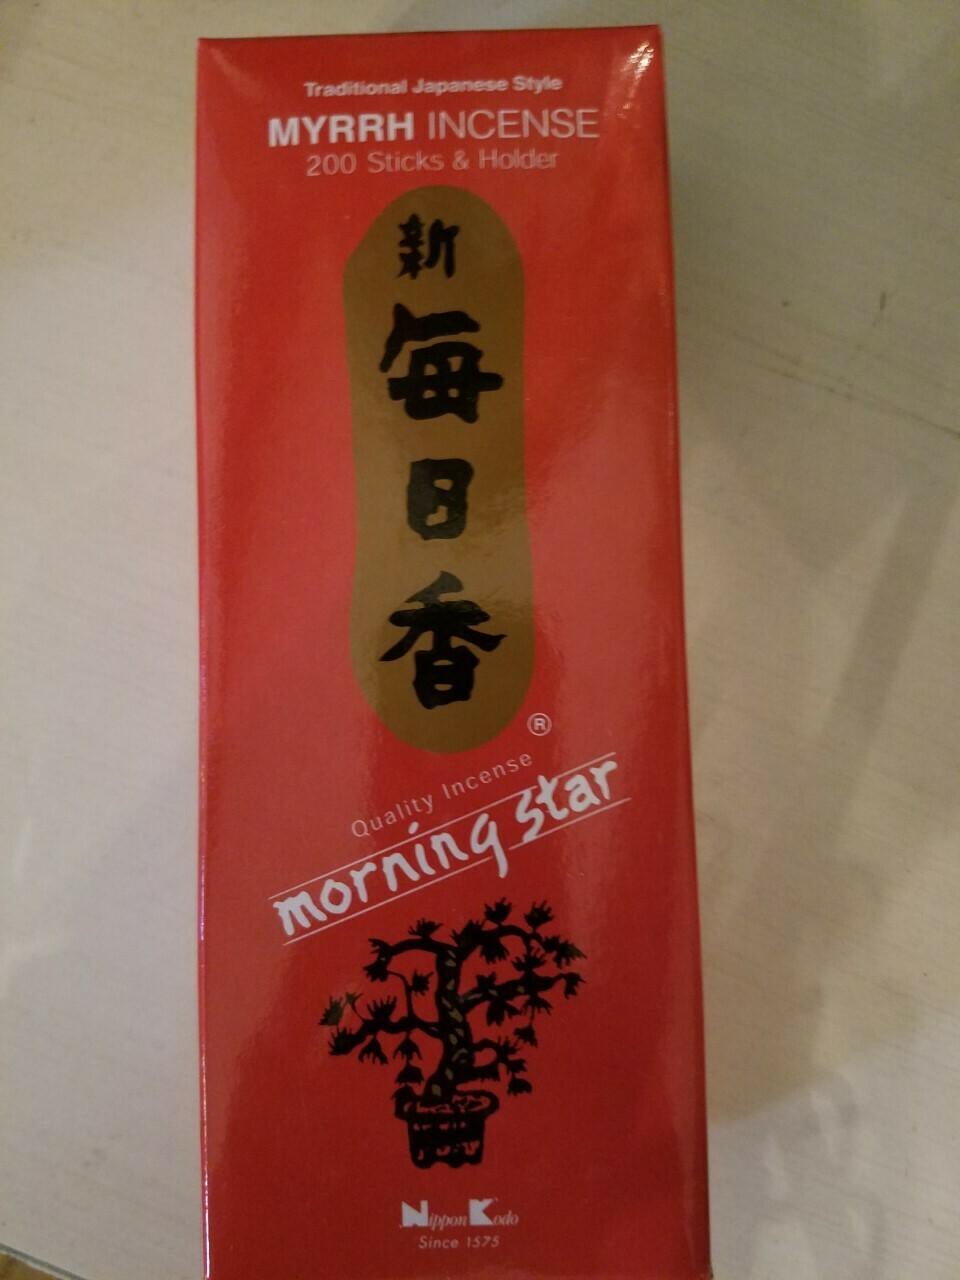 Incense Japanese Myrrh- 200 Sticks